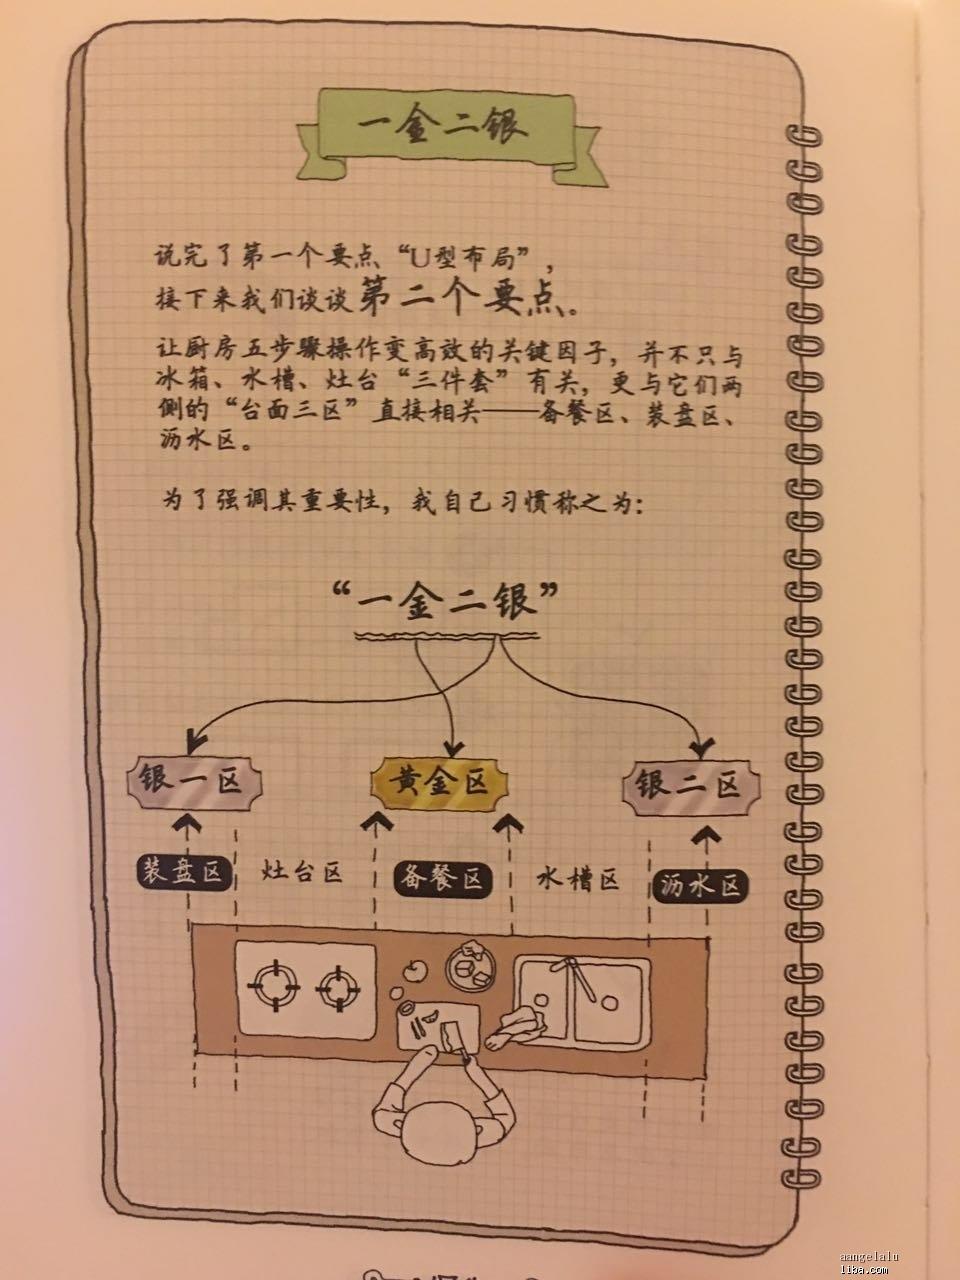 new image - e0elb.jpg